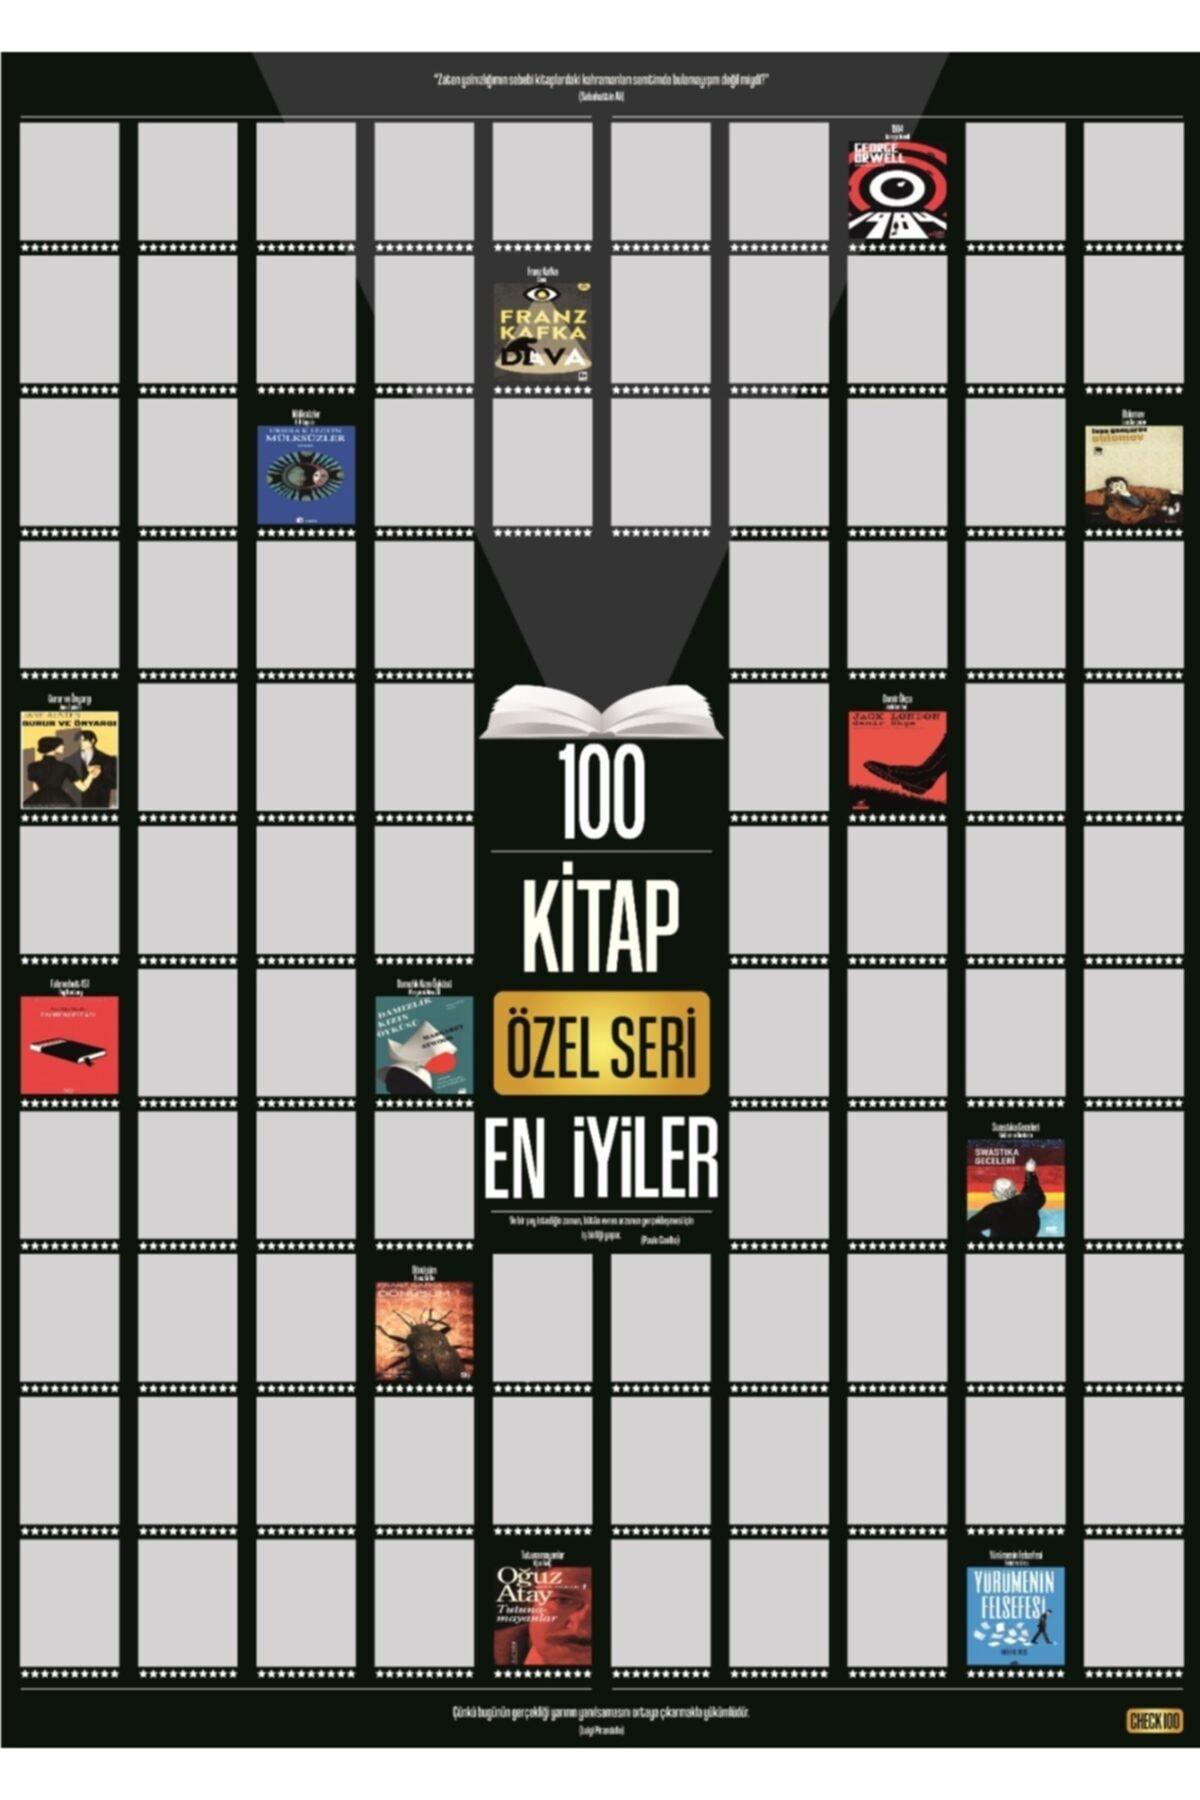 Özel Seri Kazıkazan 100 Kitap Posteri